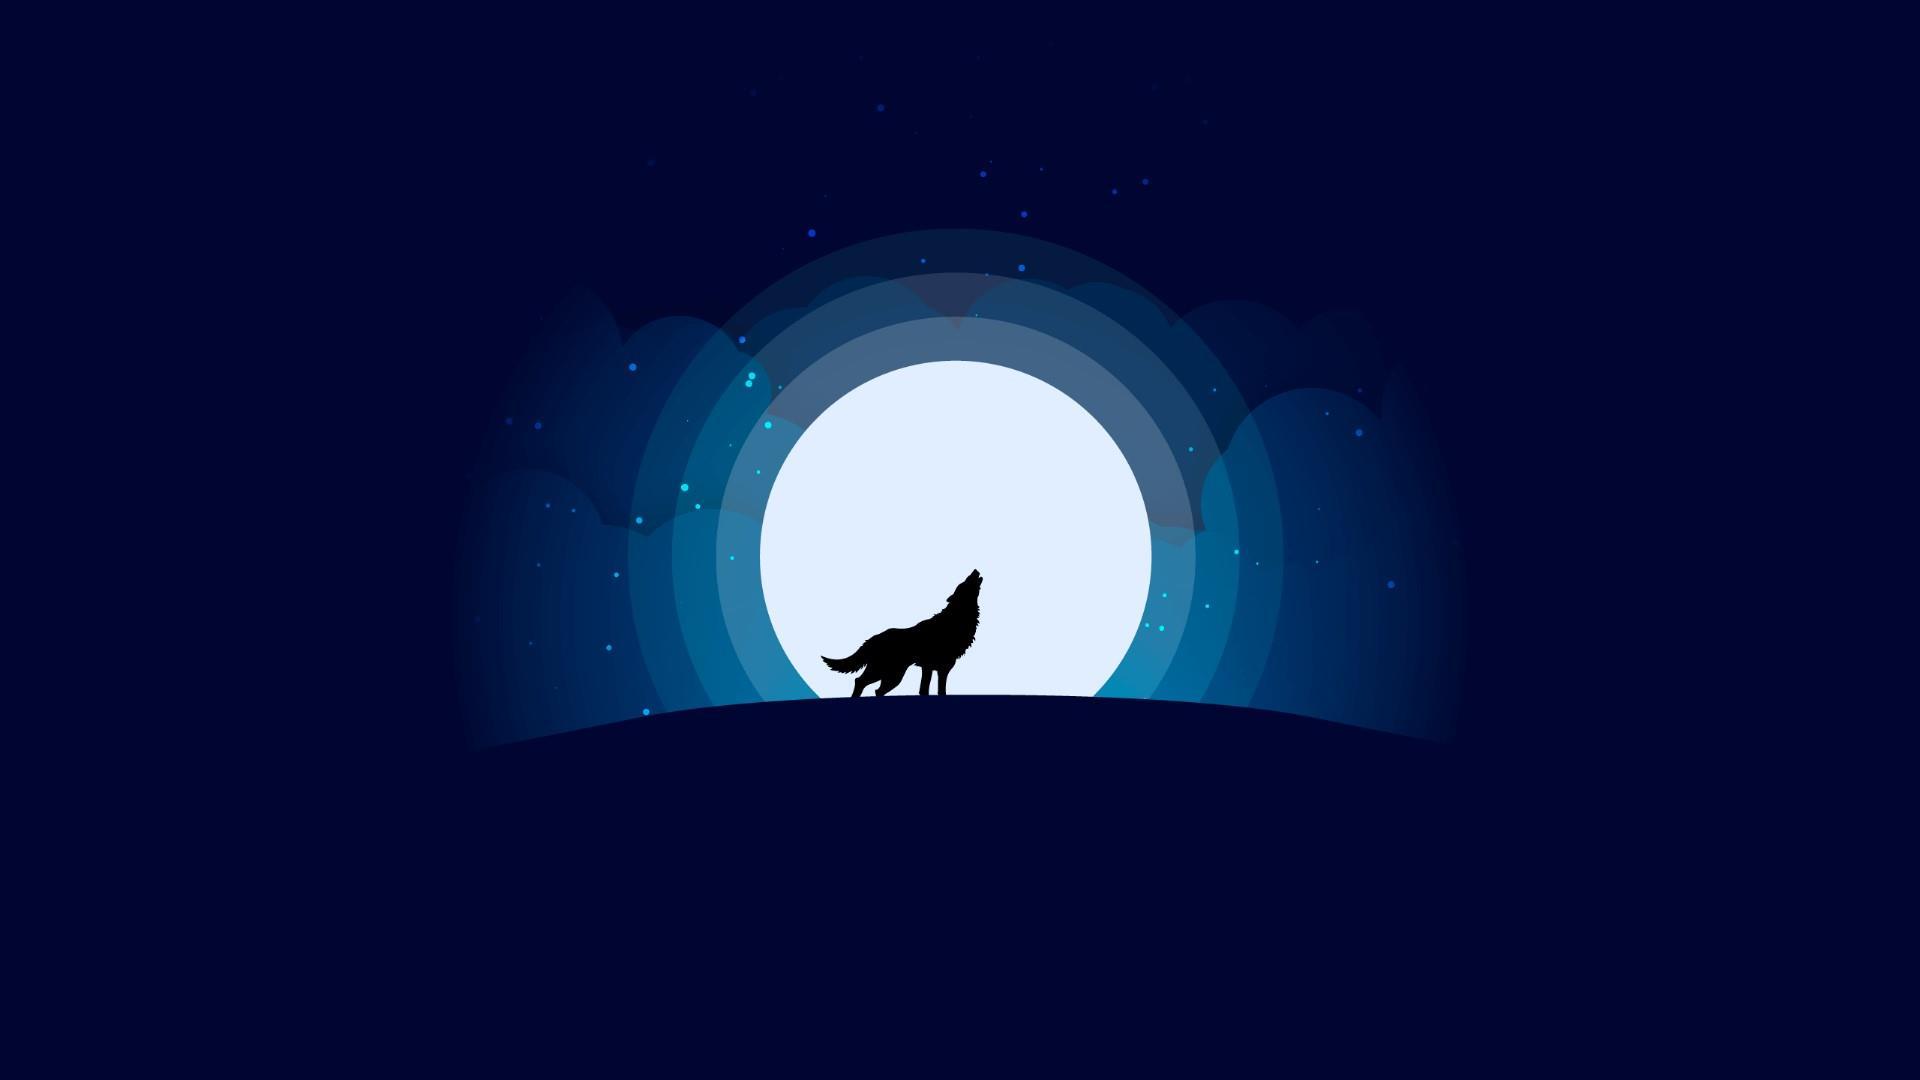 1920x1080 Wolf With Full Moon - Hình nền thiết kế tối giản.  Studio hình nền